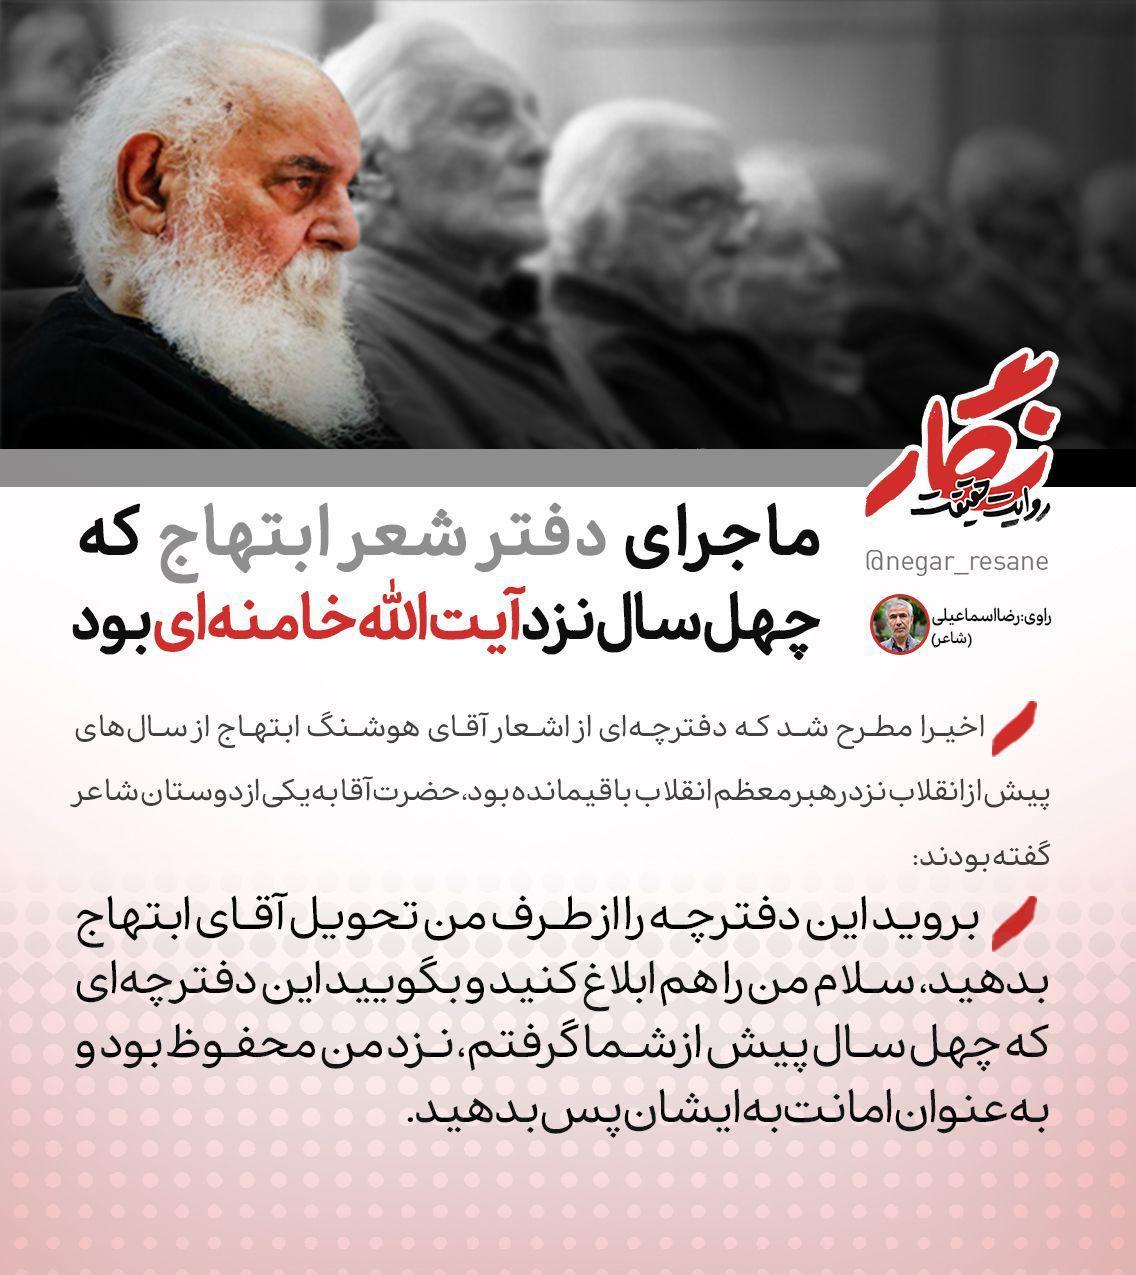 ماجرای دفتر شعر ابتهاج که چهل سال نزد آیتالله خامنهای بود +عکس